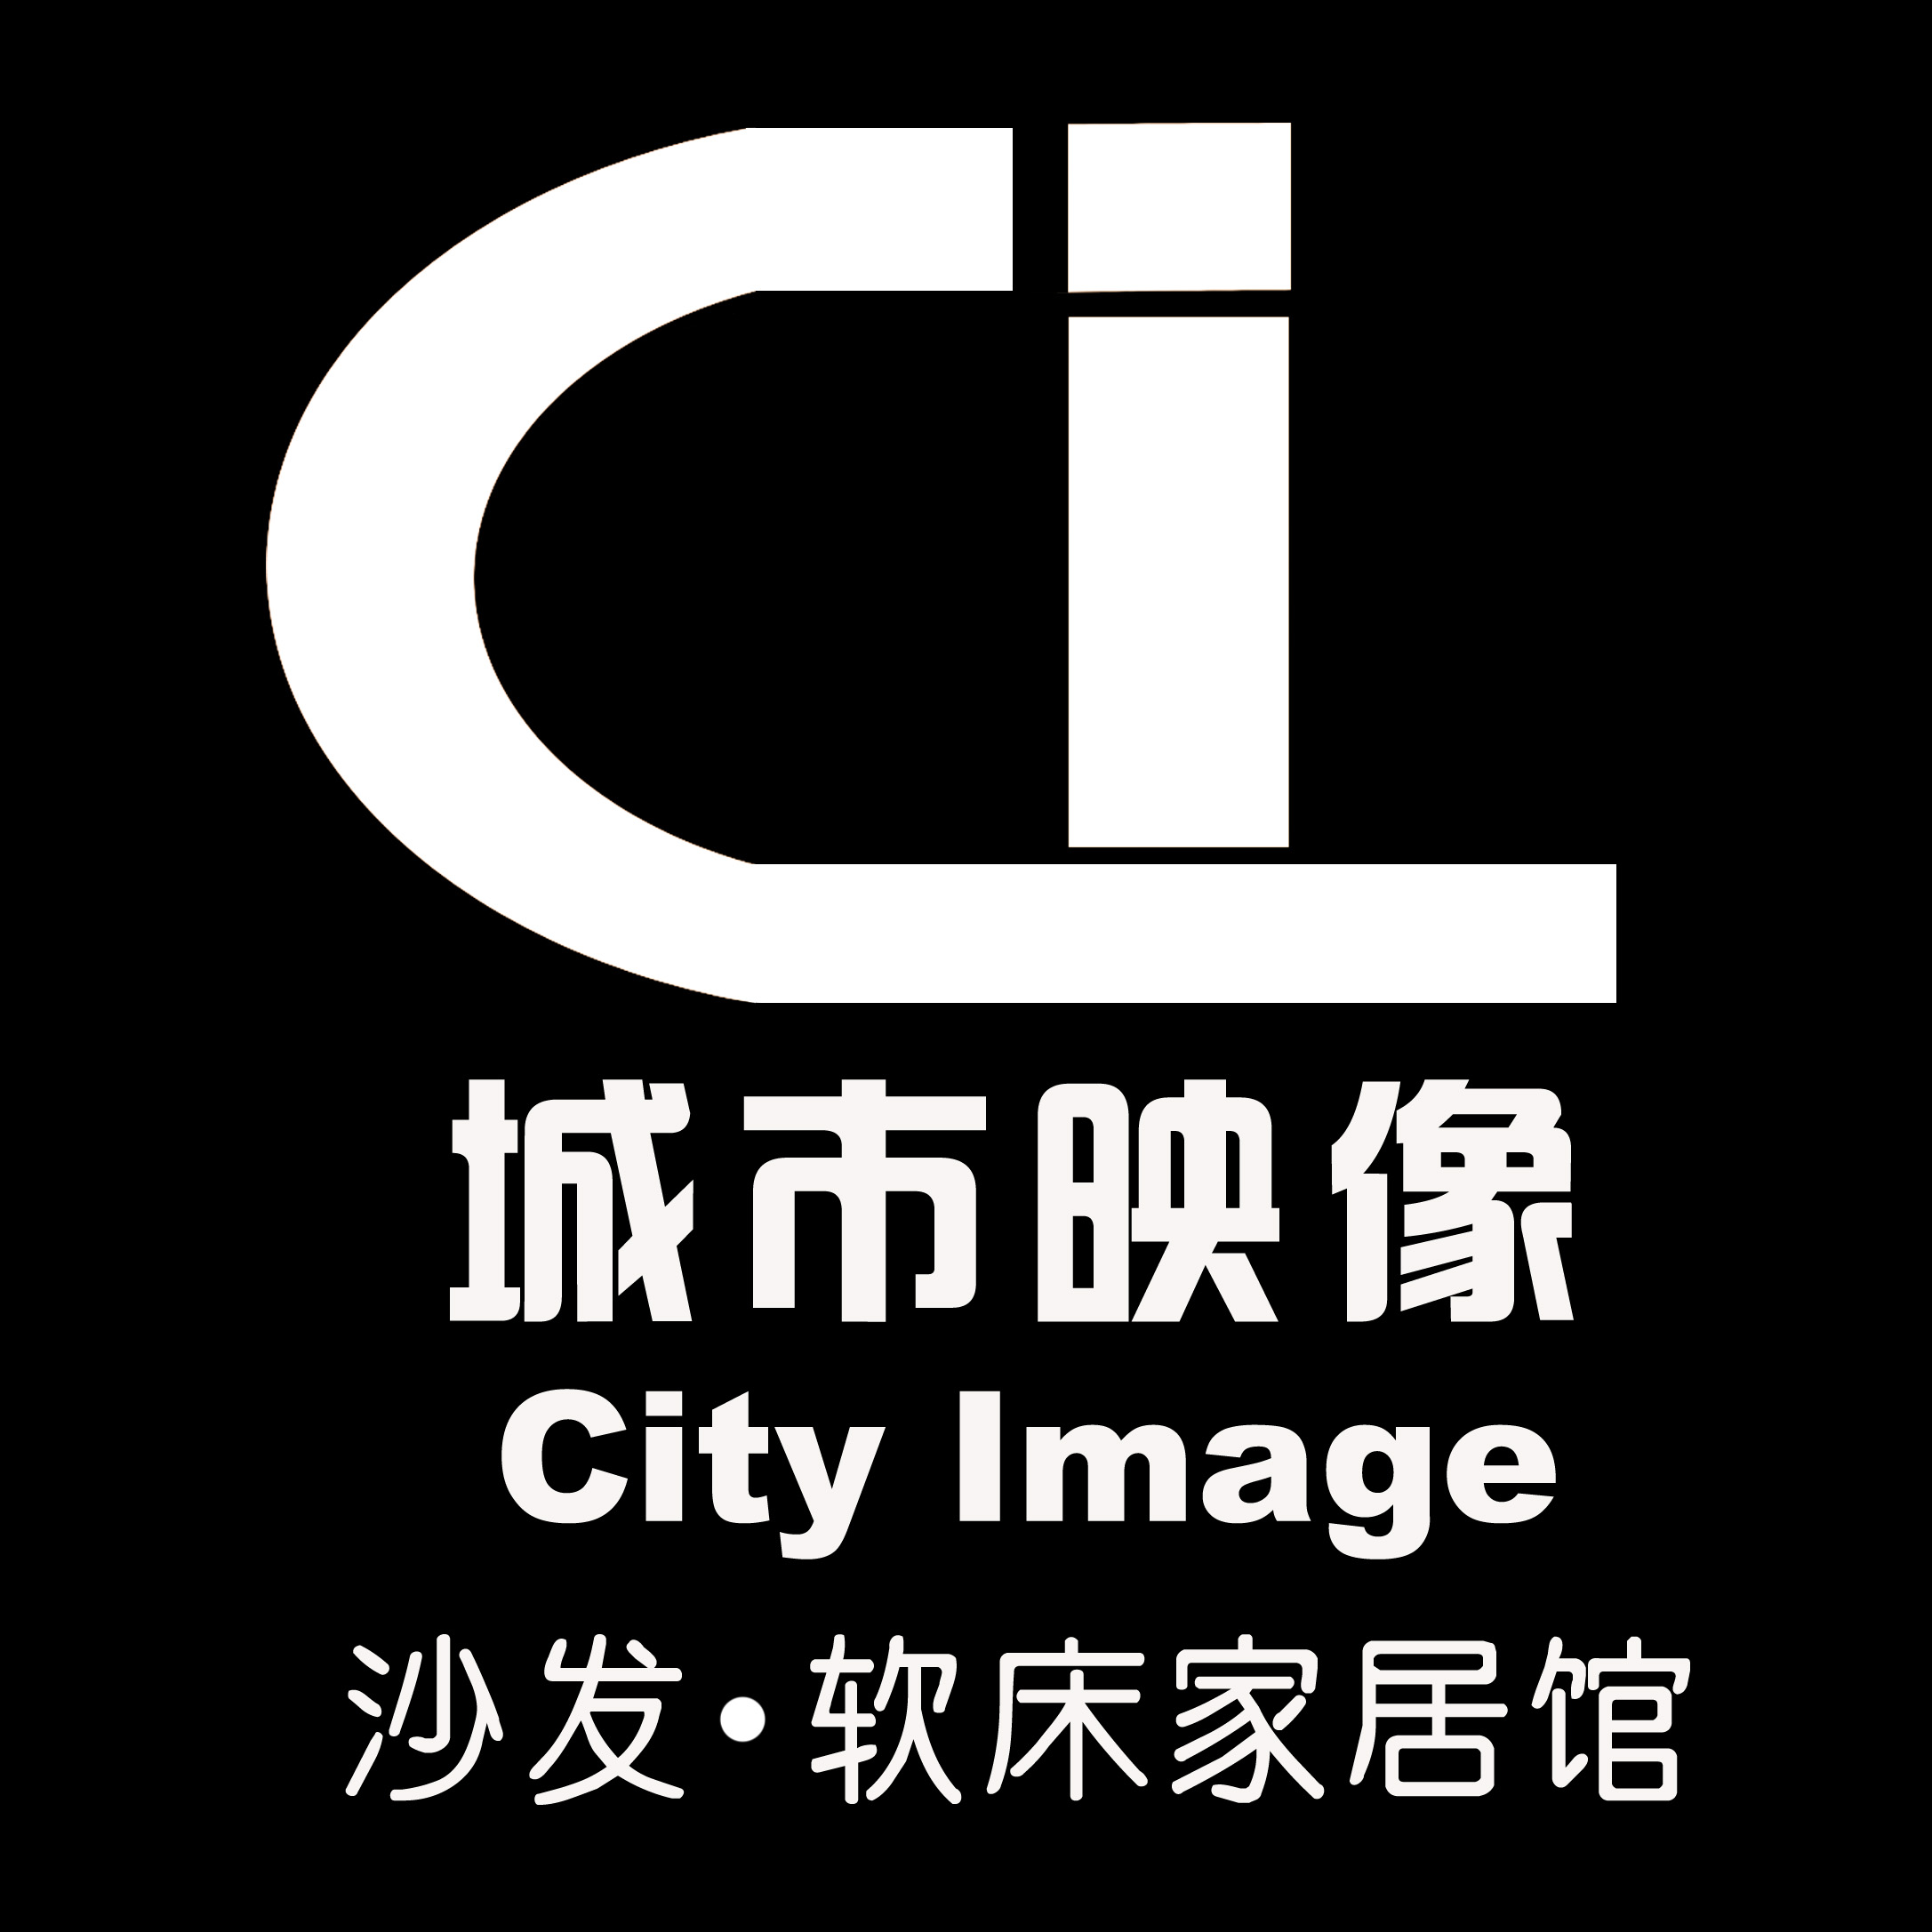 城市馆logo设计说明